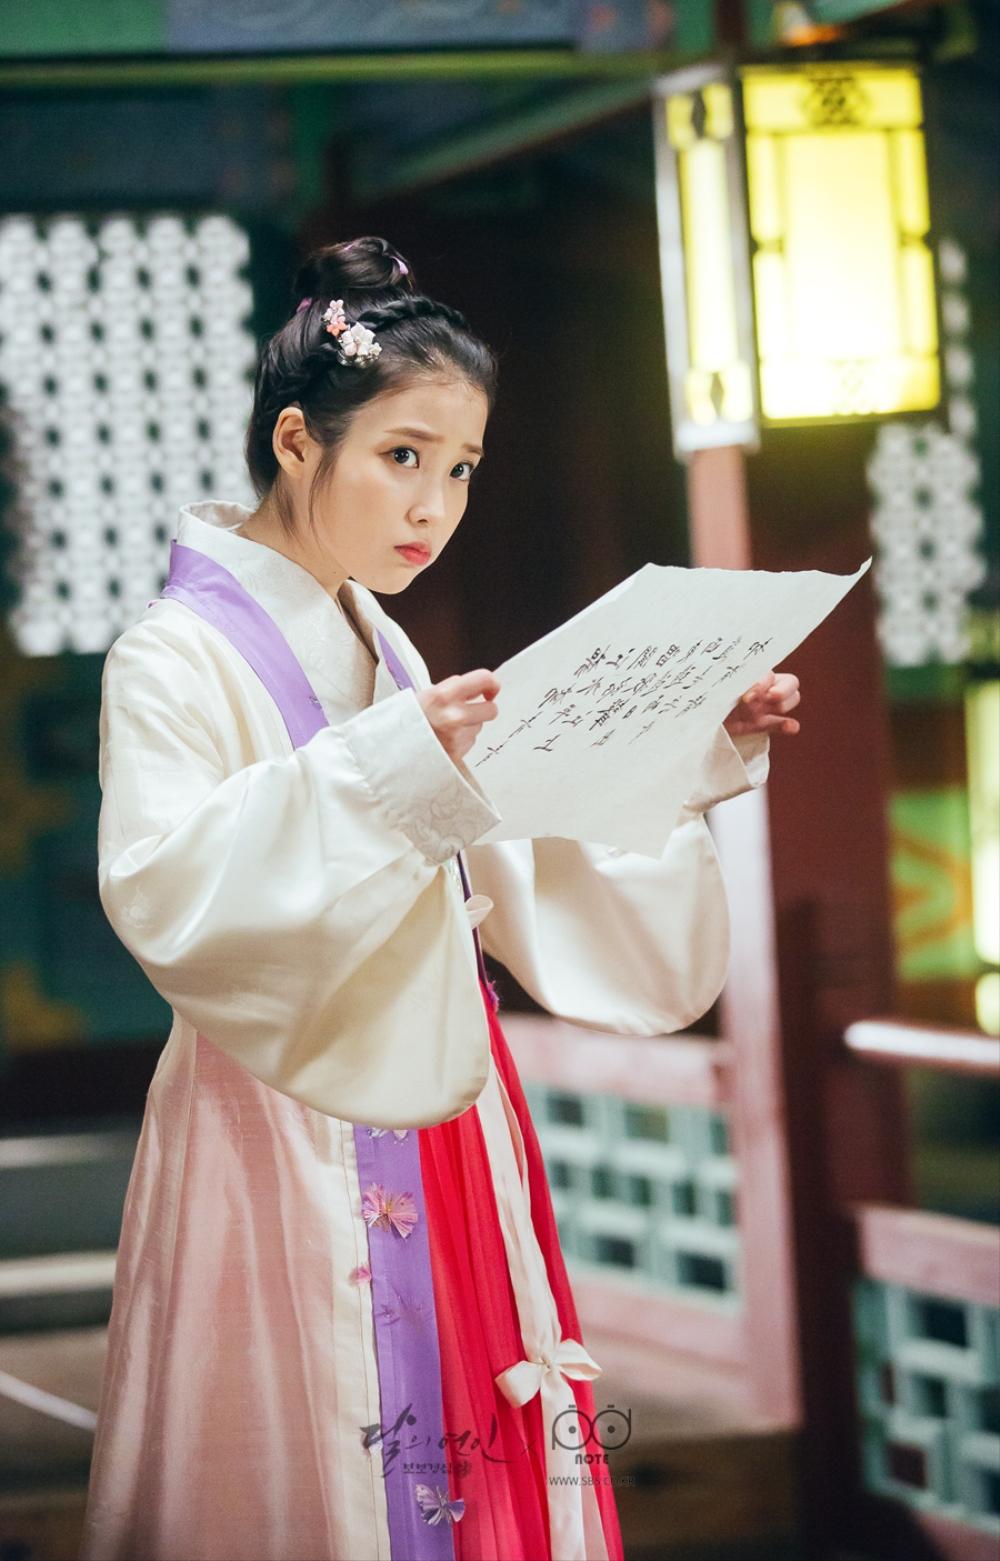 달의 연인 포토스케치_왕욱이 써서 준 한자 시를 못 읽어 갸우뚱하고 있는 해수